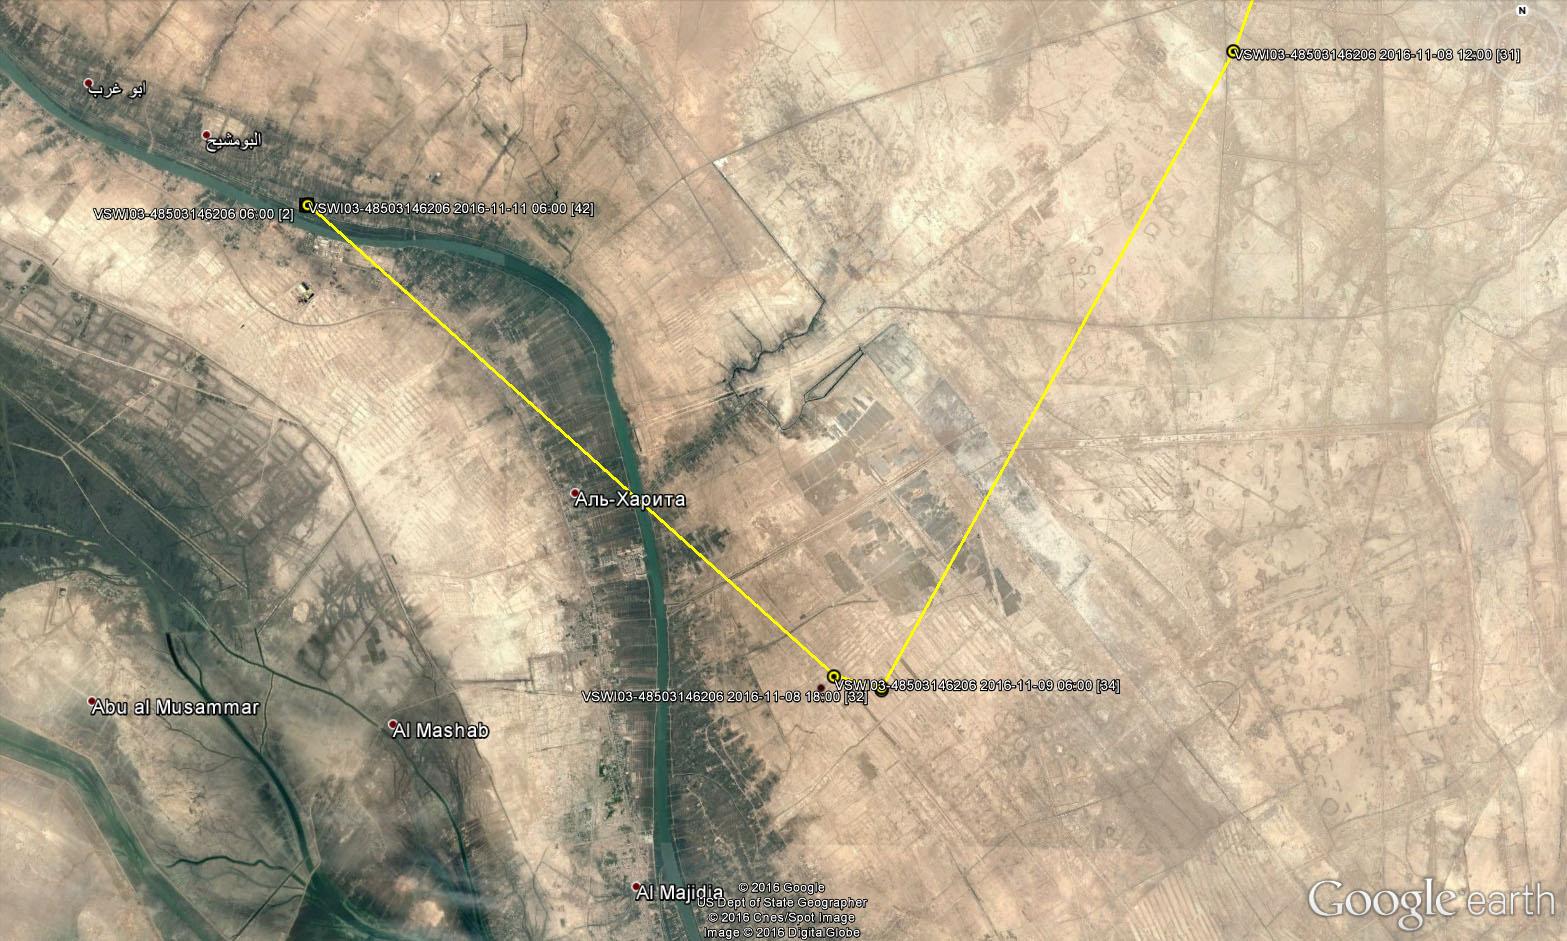 Последние локации Моисея 11 ноября 2016 г. и место в населенном пункте, куда был перевезен передатчик, откуда шёл сигнал 11-14 ноября 2016 г.